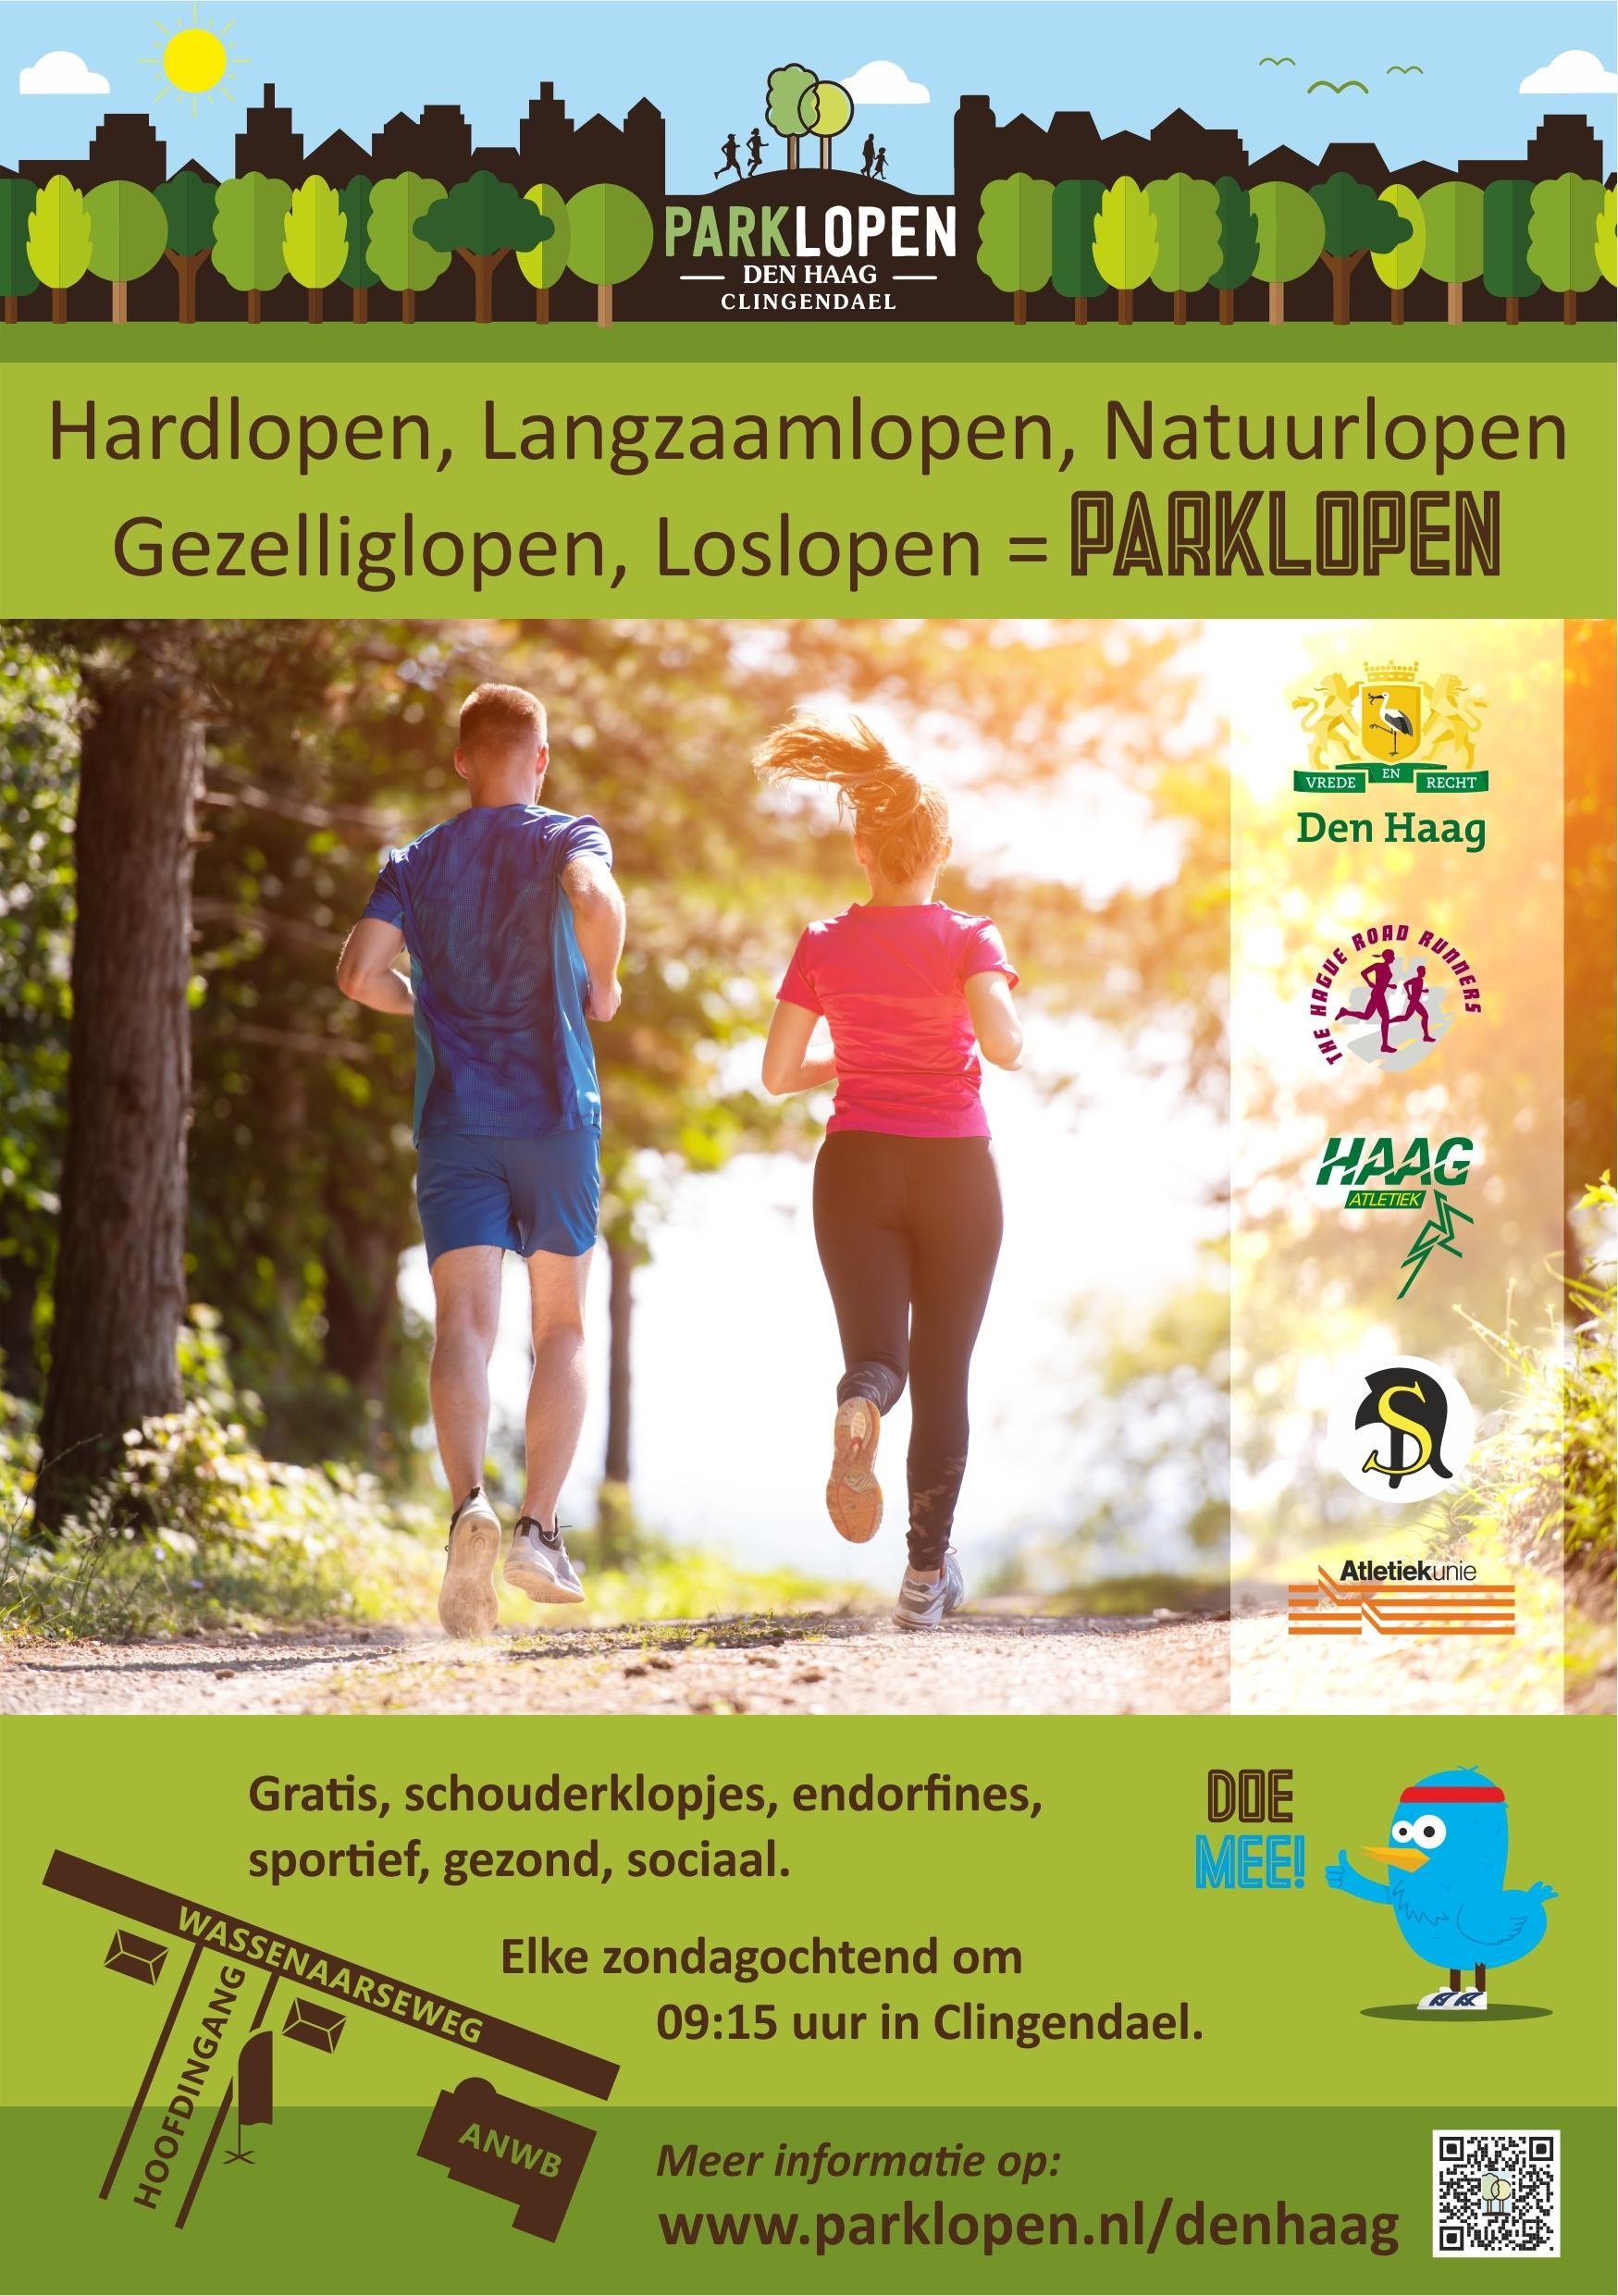 Parklopen in Den Haag